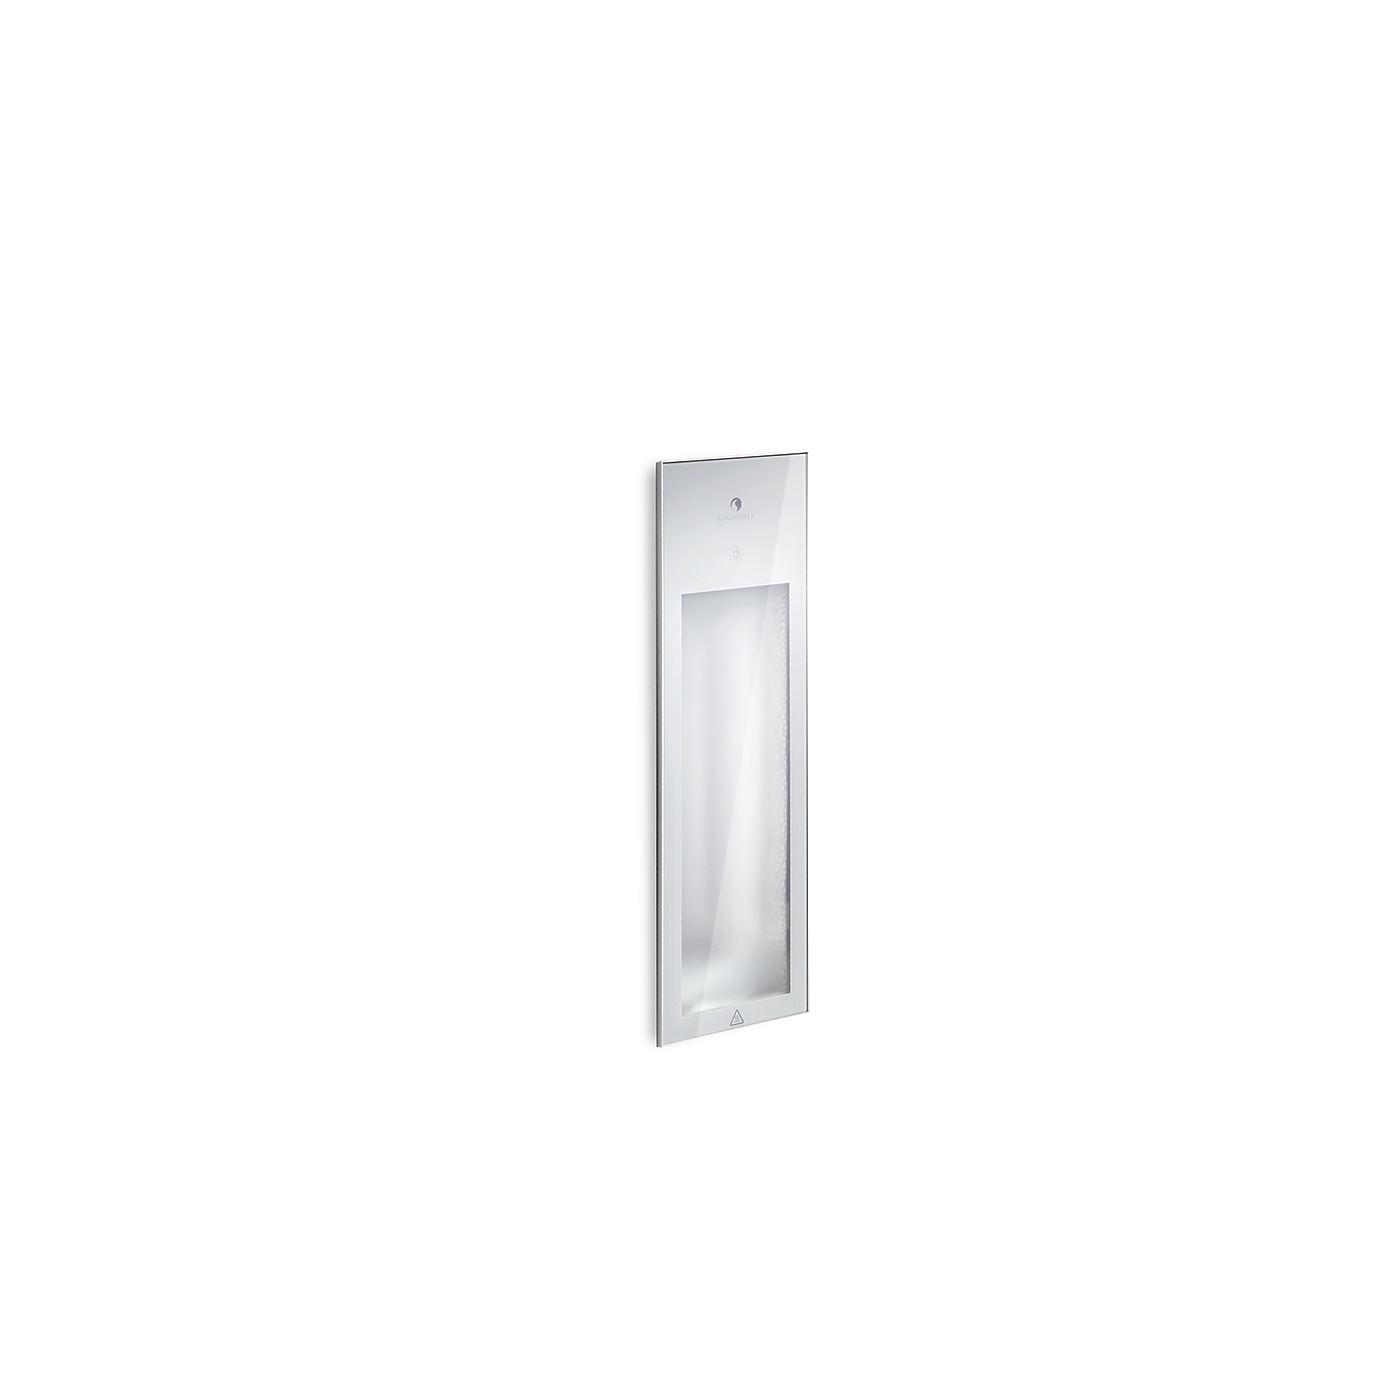 Sunshower Pure White Infrarood Inbouwapparaat 199x619x10 Cm Half Body Aluminium